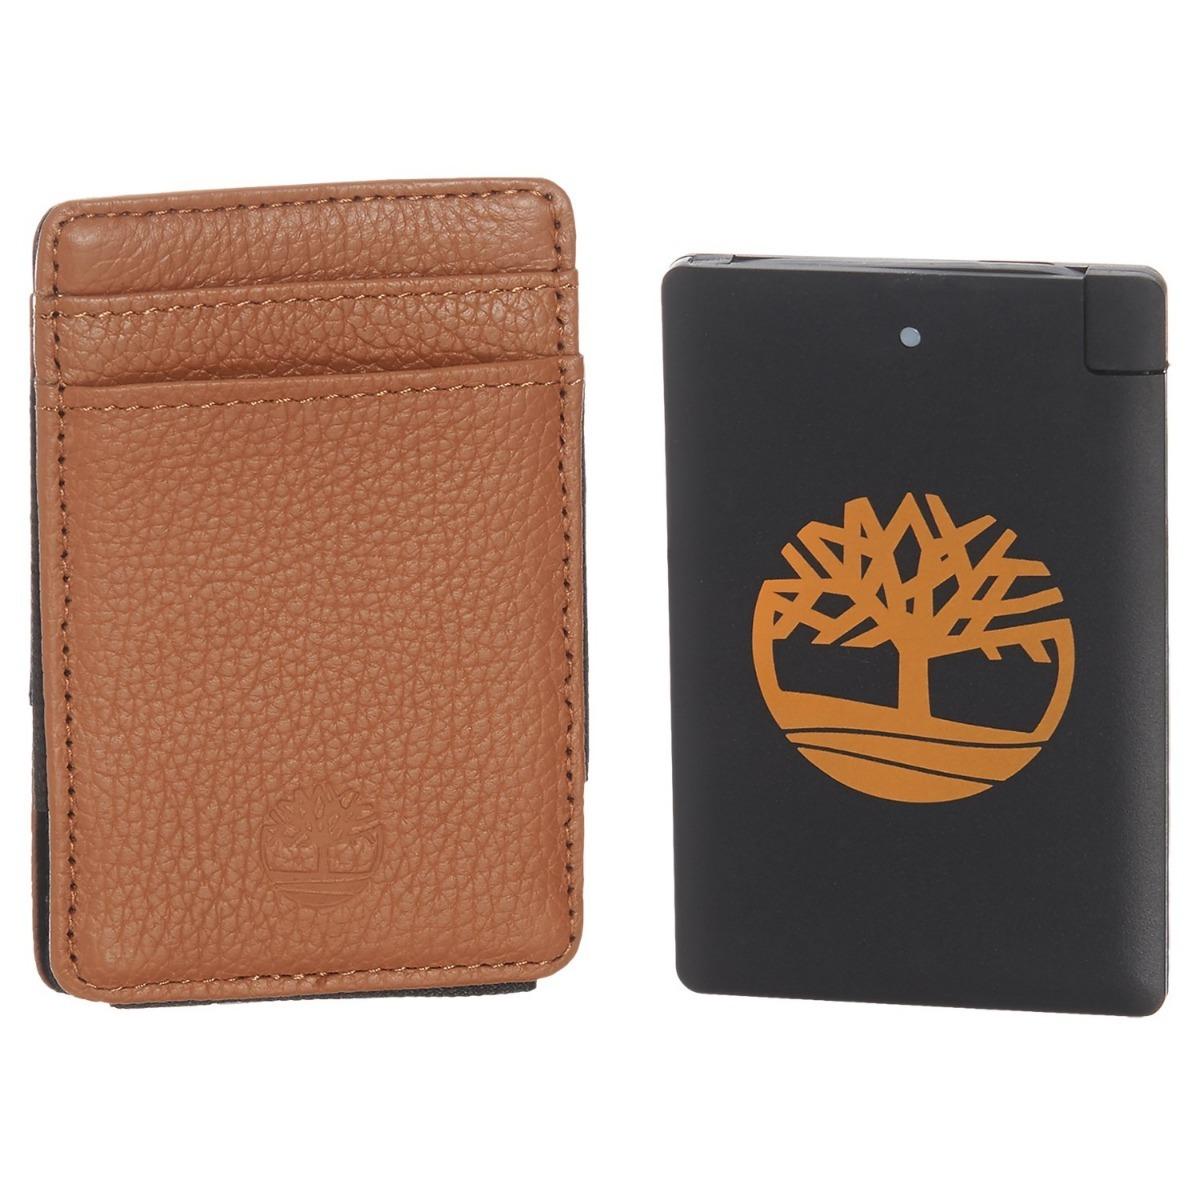 bd9fedf77 billetera timberland con cargador celular original en caja. Cargando zoom.